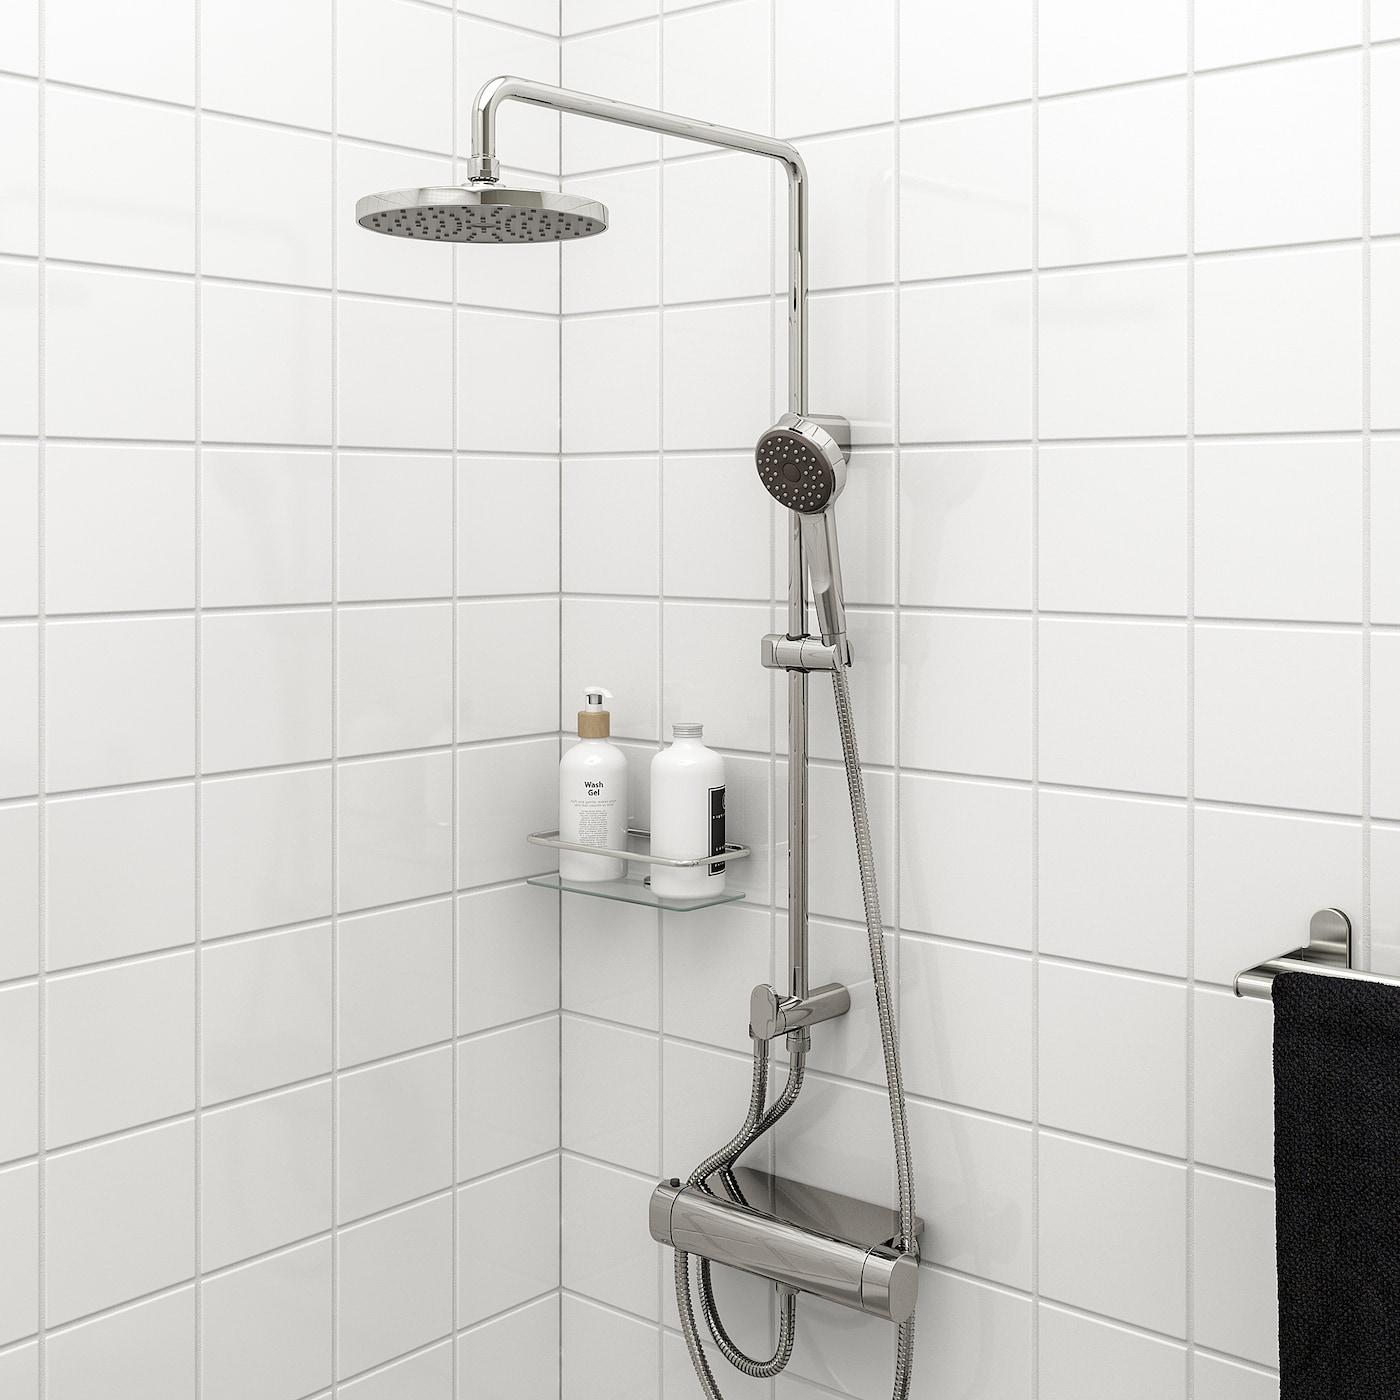 BROGRUND Plafond-/handdouche m omschakelaar, verchroomd